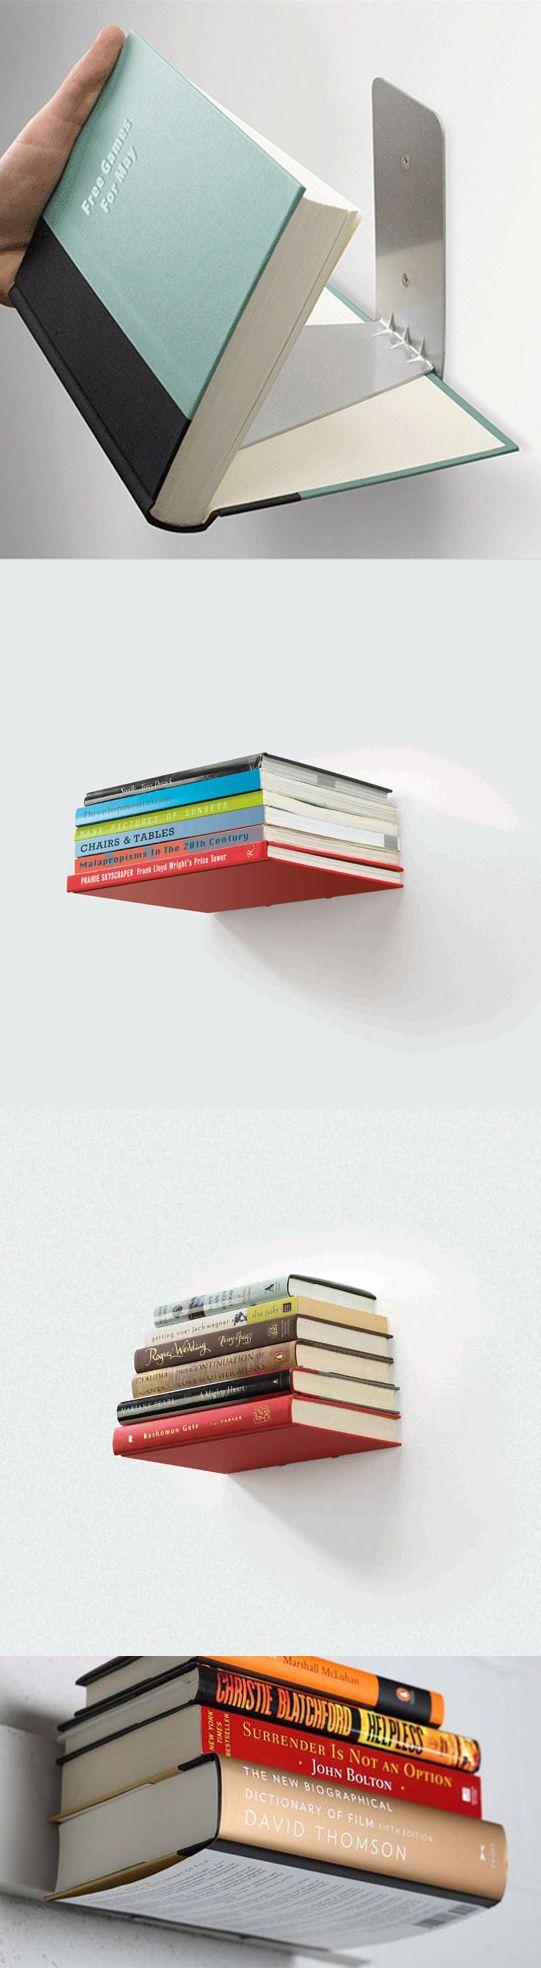 Estanterías invisibles para libros / Goods Home Design